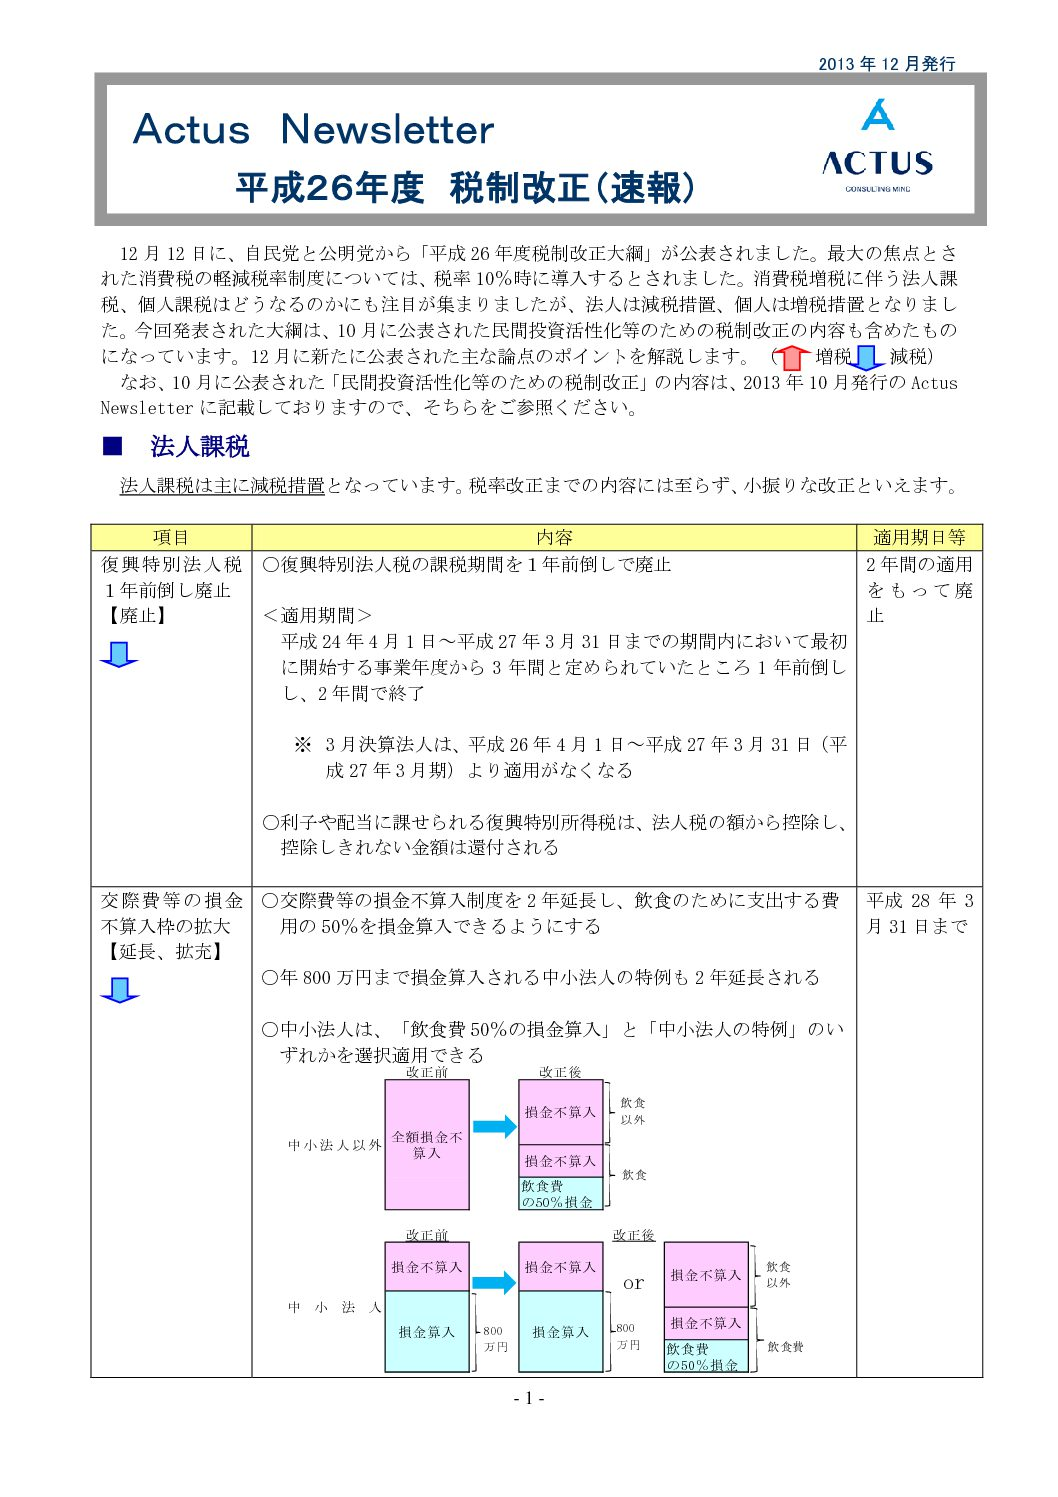 平成26年度税制改正について(速報)